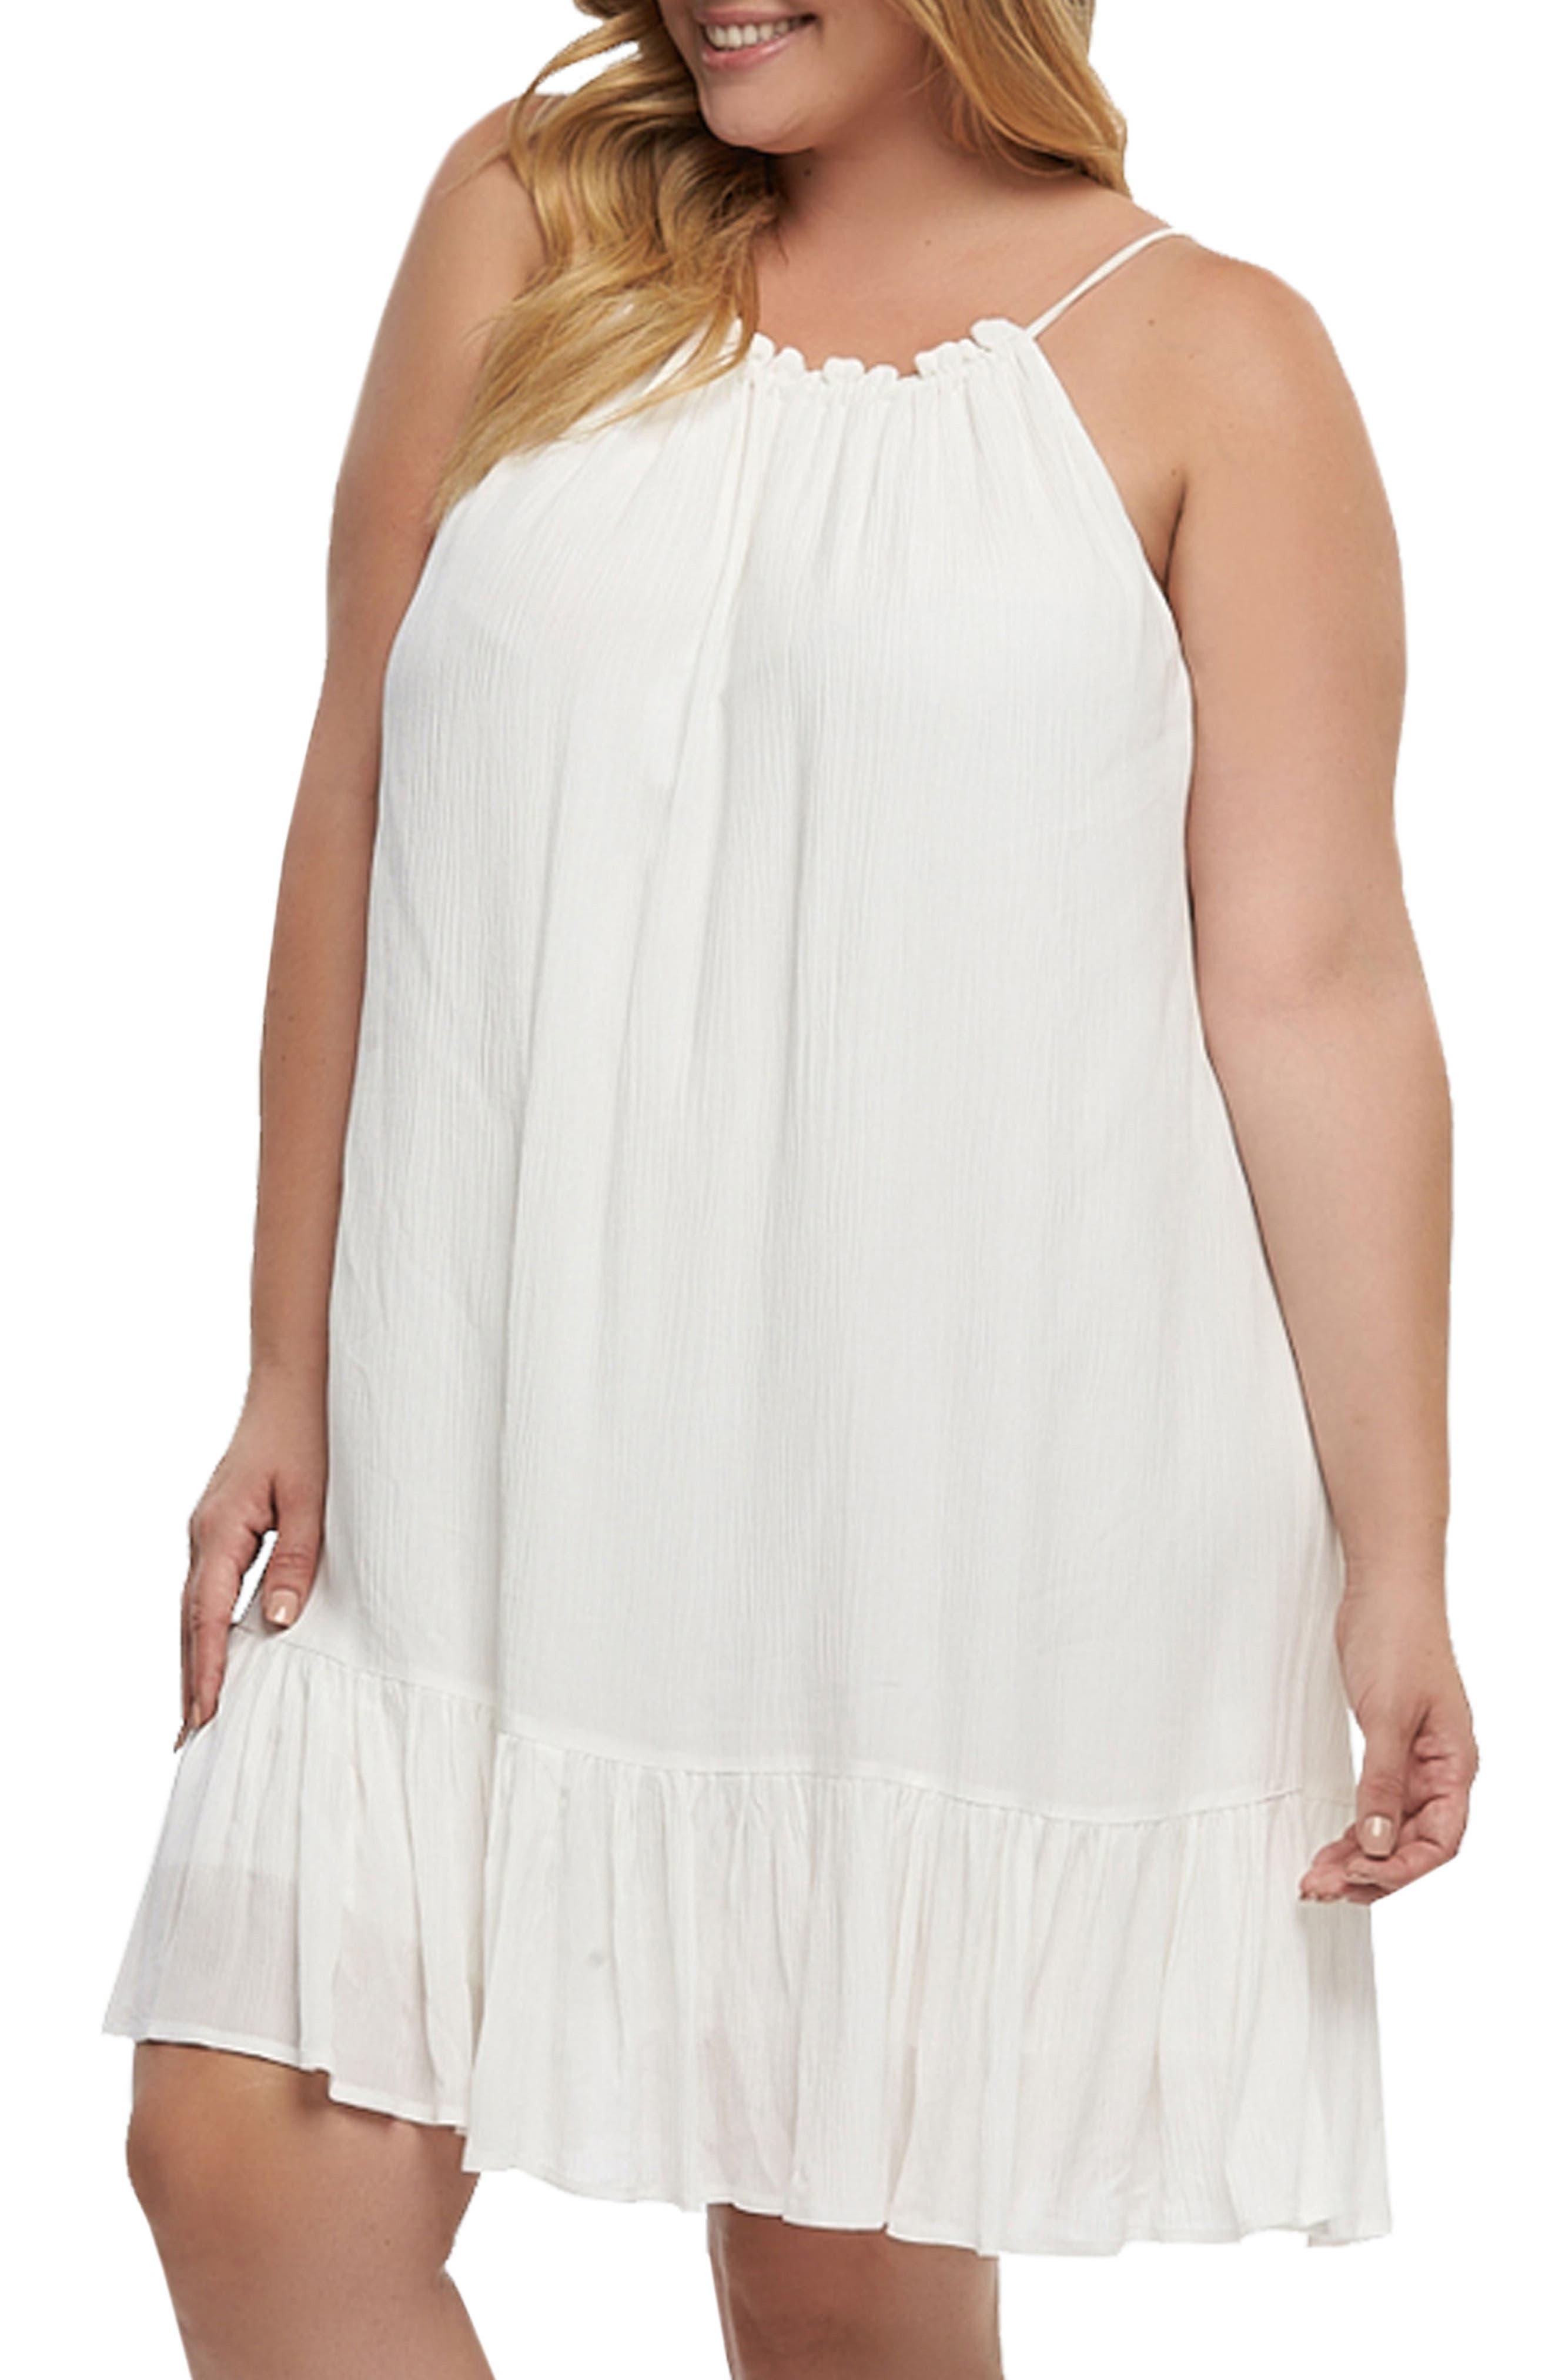 Liz Halter Top Baby Doll Dress,                             Alternate thumbnail 3, color,                             White